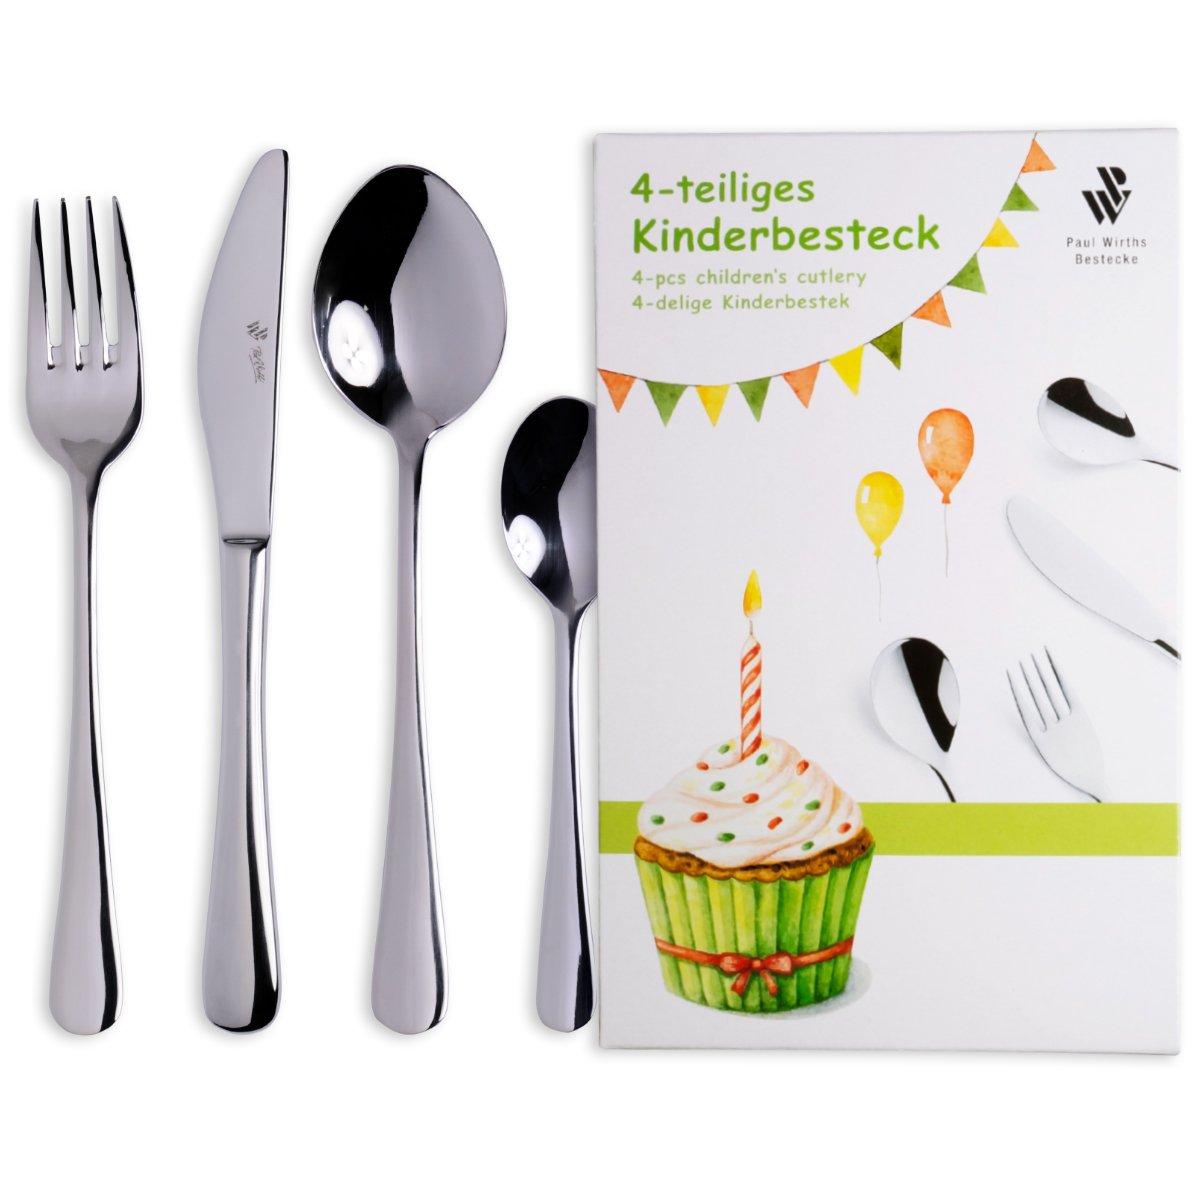 Kids 4 teilig inkl Gravur KB023 Paul Wirths Bestecke Kinderbesteck